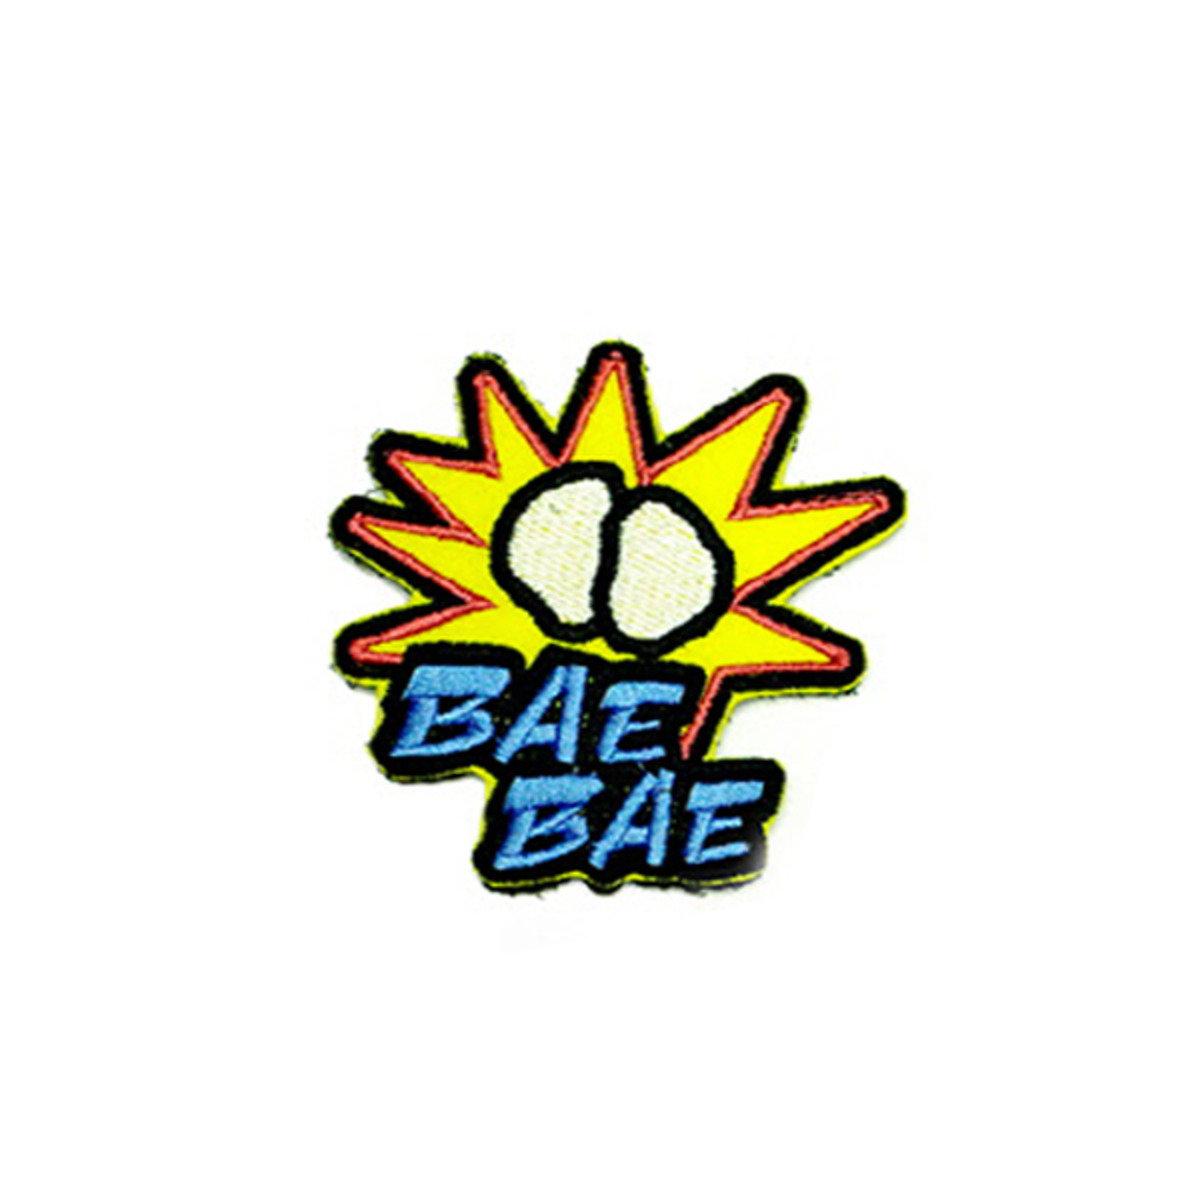 BIGBANG - 襟章 (BAEBAE) [BIGBANG WORLD TOUR 'MADE' FINAL IN SEOUL]